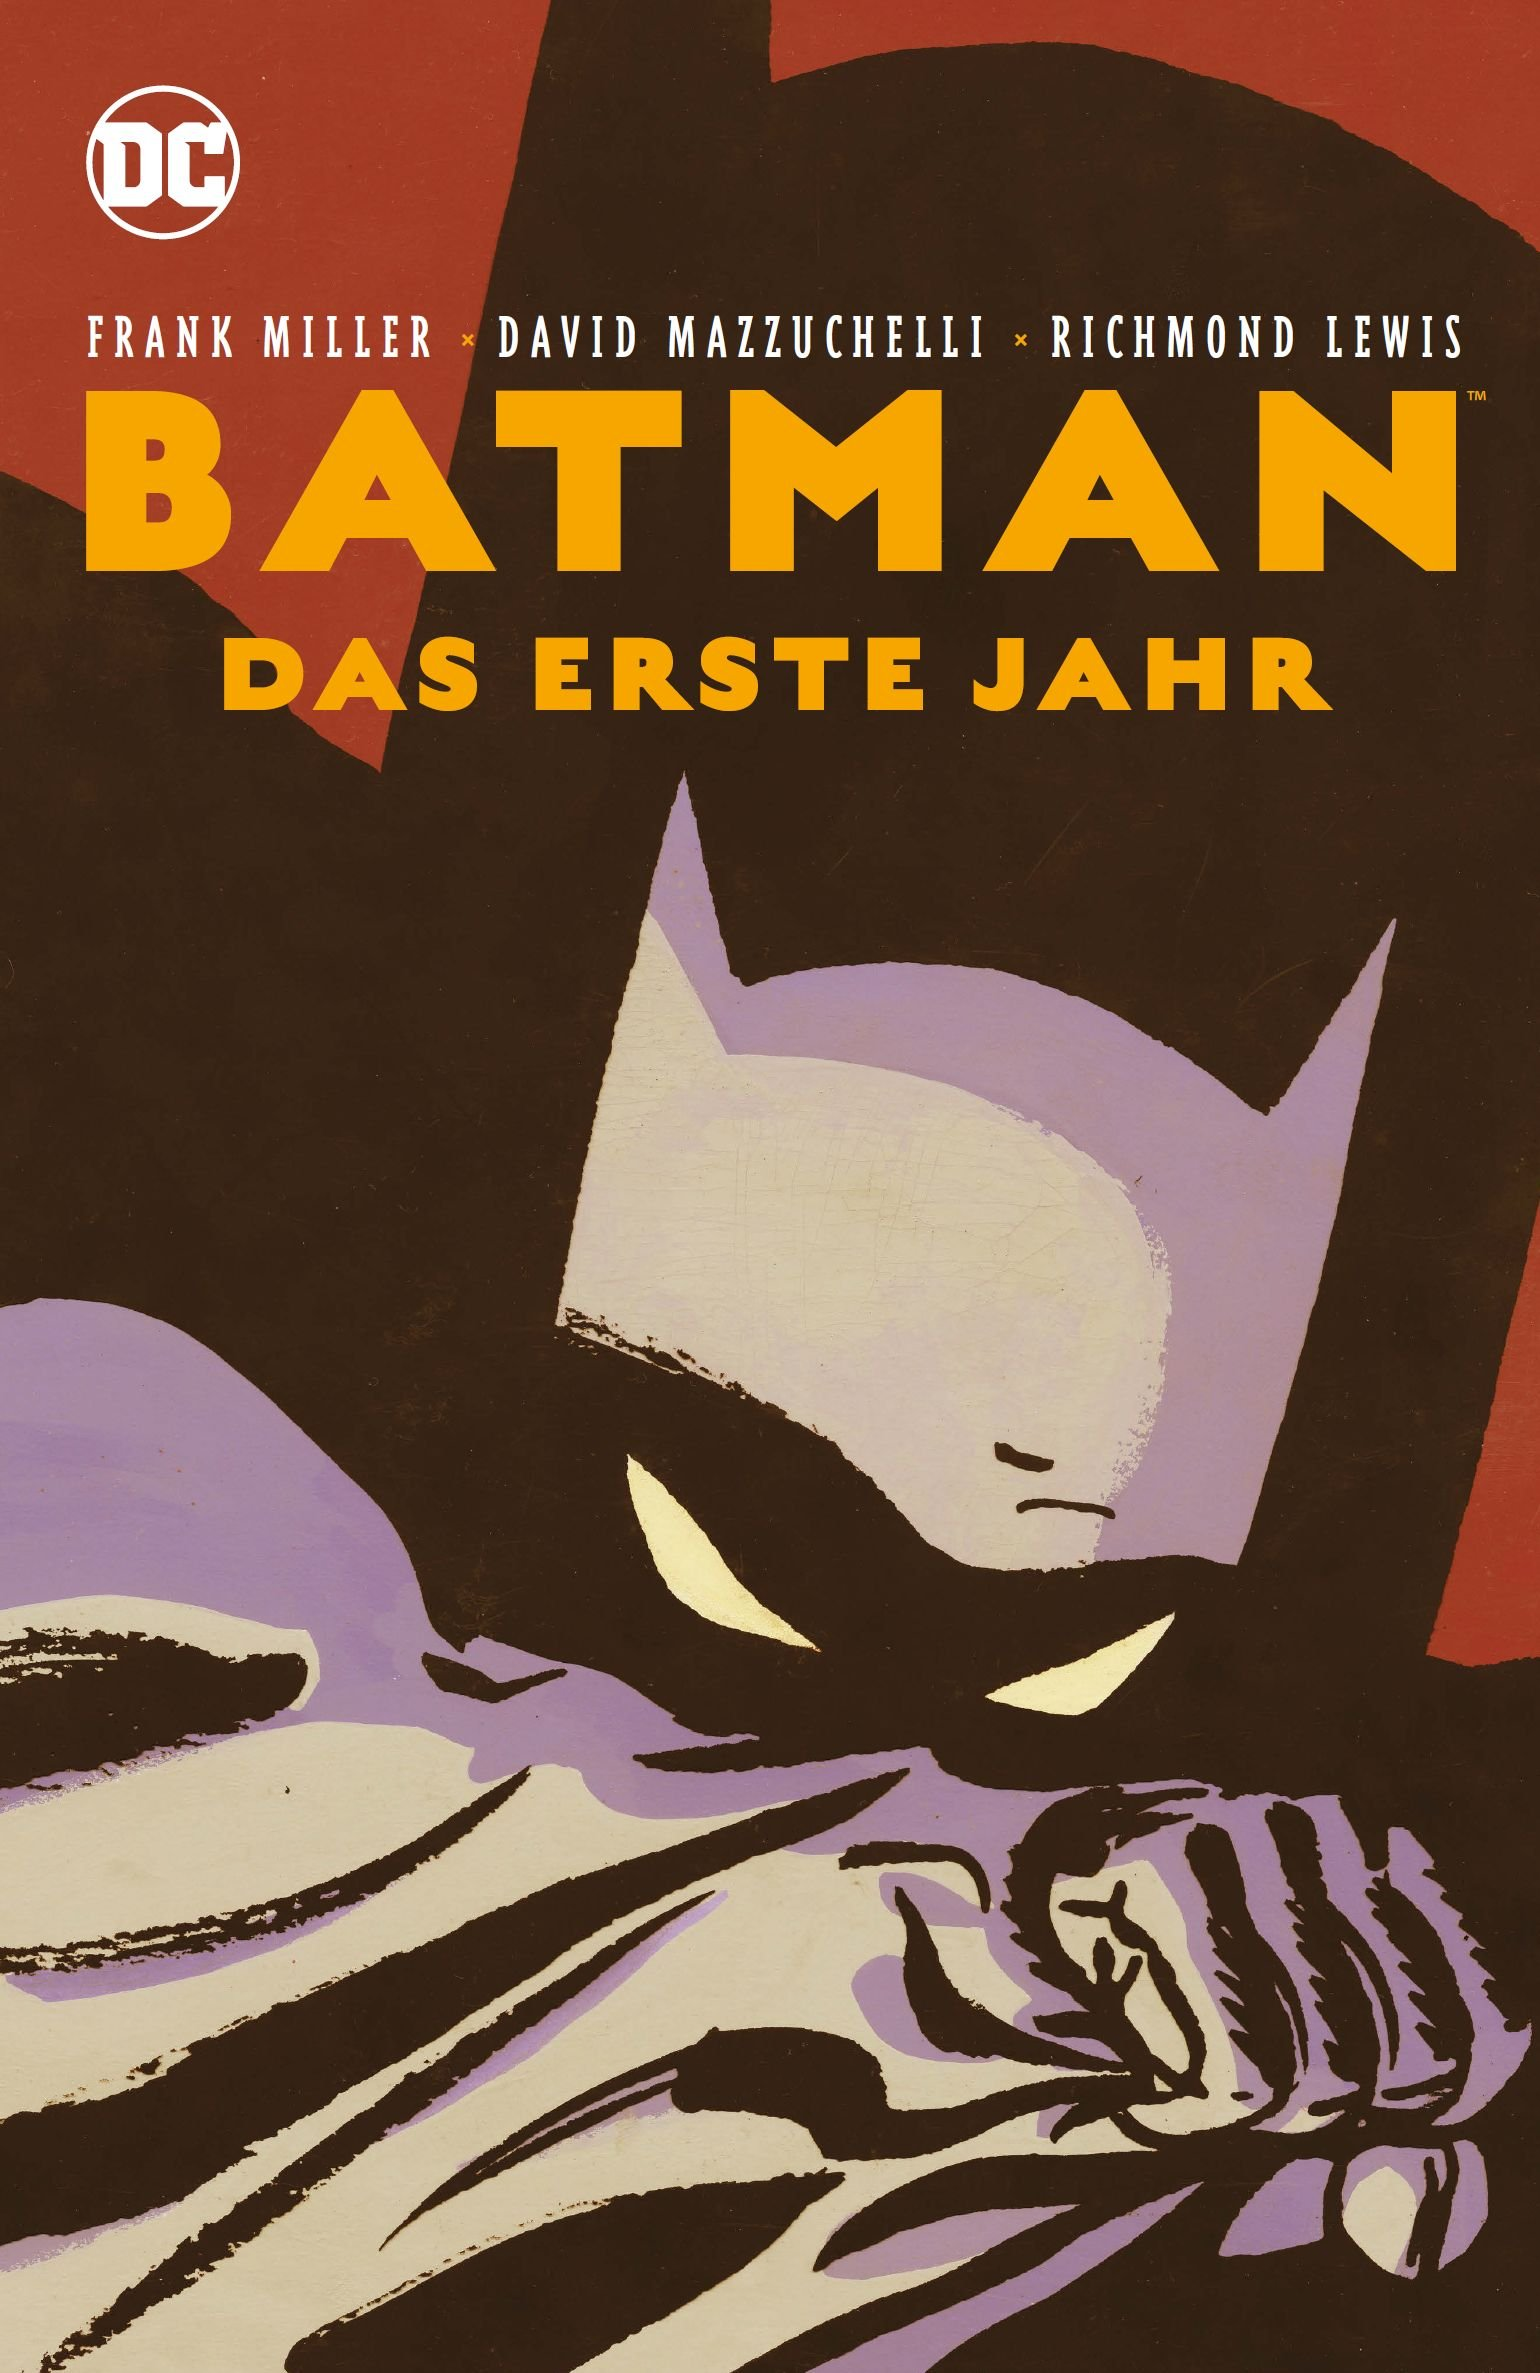 Batman: Das erste Jahr (Neuausgabe) Taschenbuch – 13. Februar 2018 Frank Miller David Mazzucchelli Steve Kups Panini